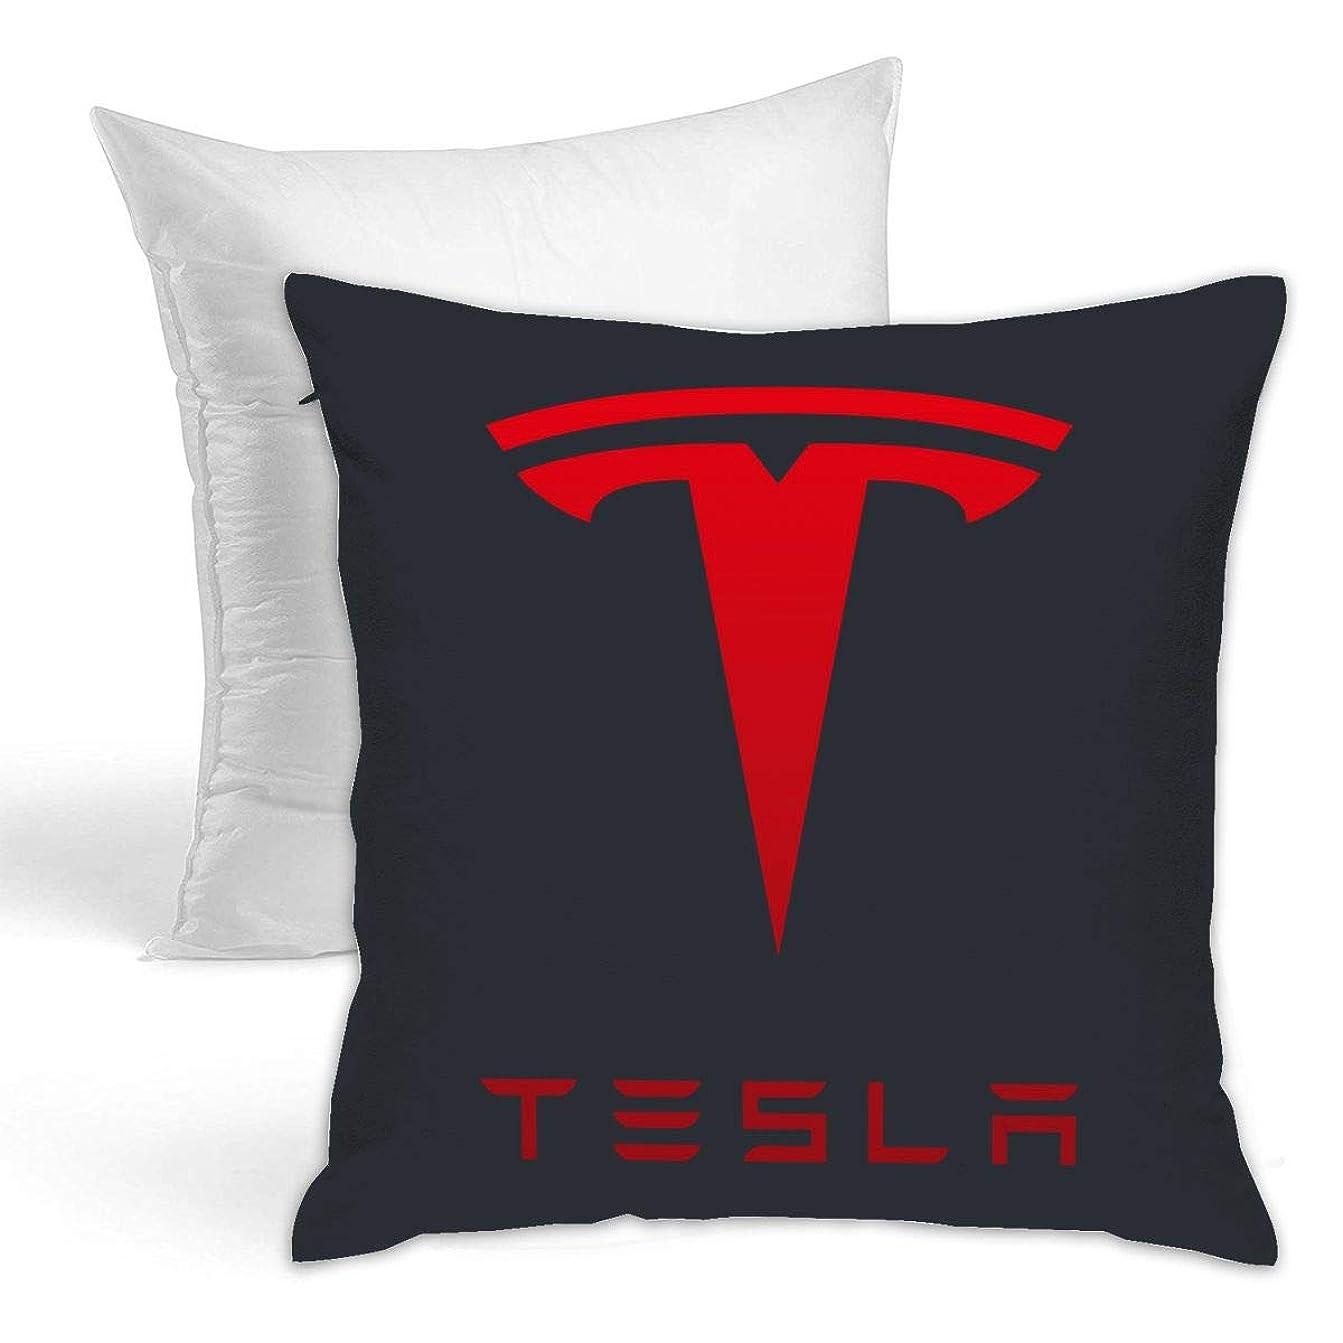 悲しむ卵唯物論Tesla クッション ソファ背当て 装飾枕カ 座布団 枕 車用品 ホーム 部屋 インテリア 飾り 抱き枕 1個